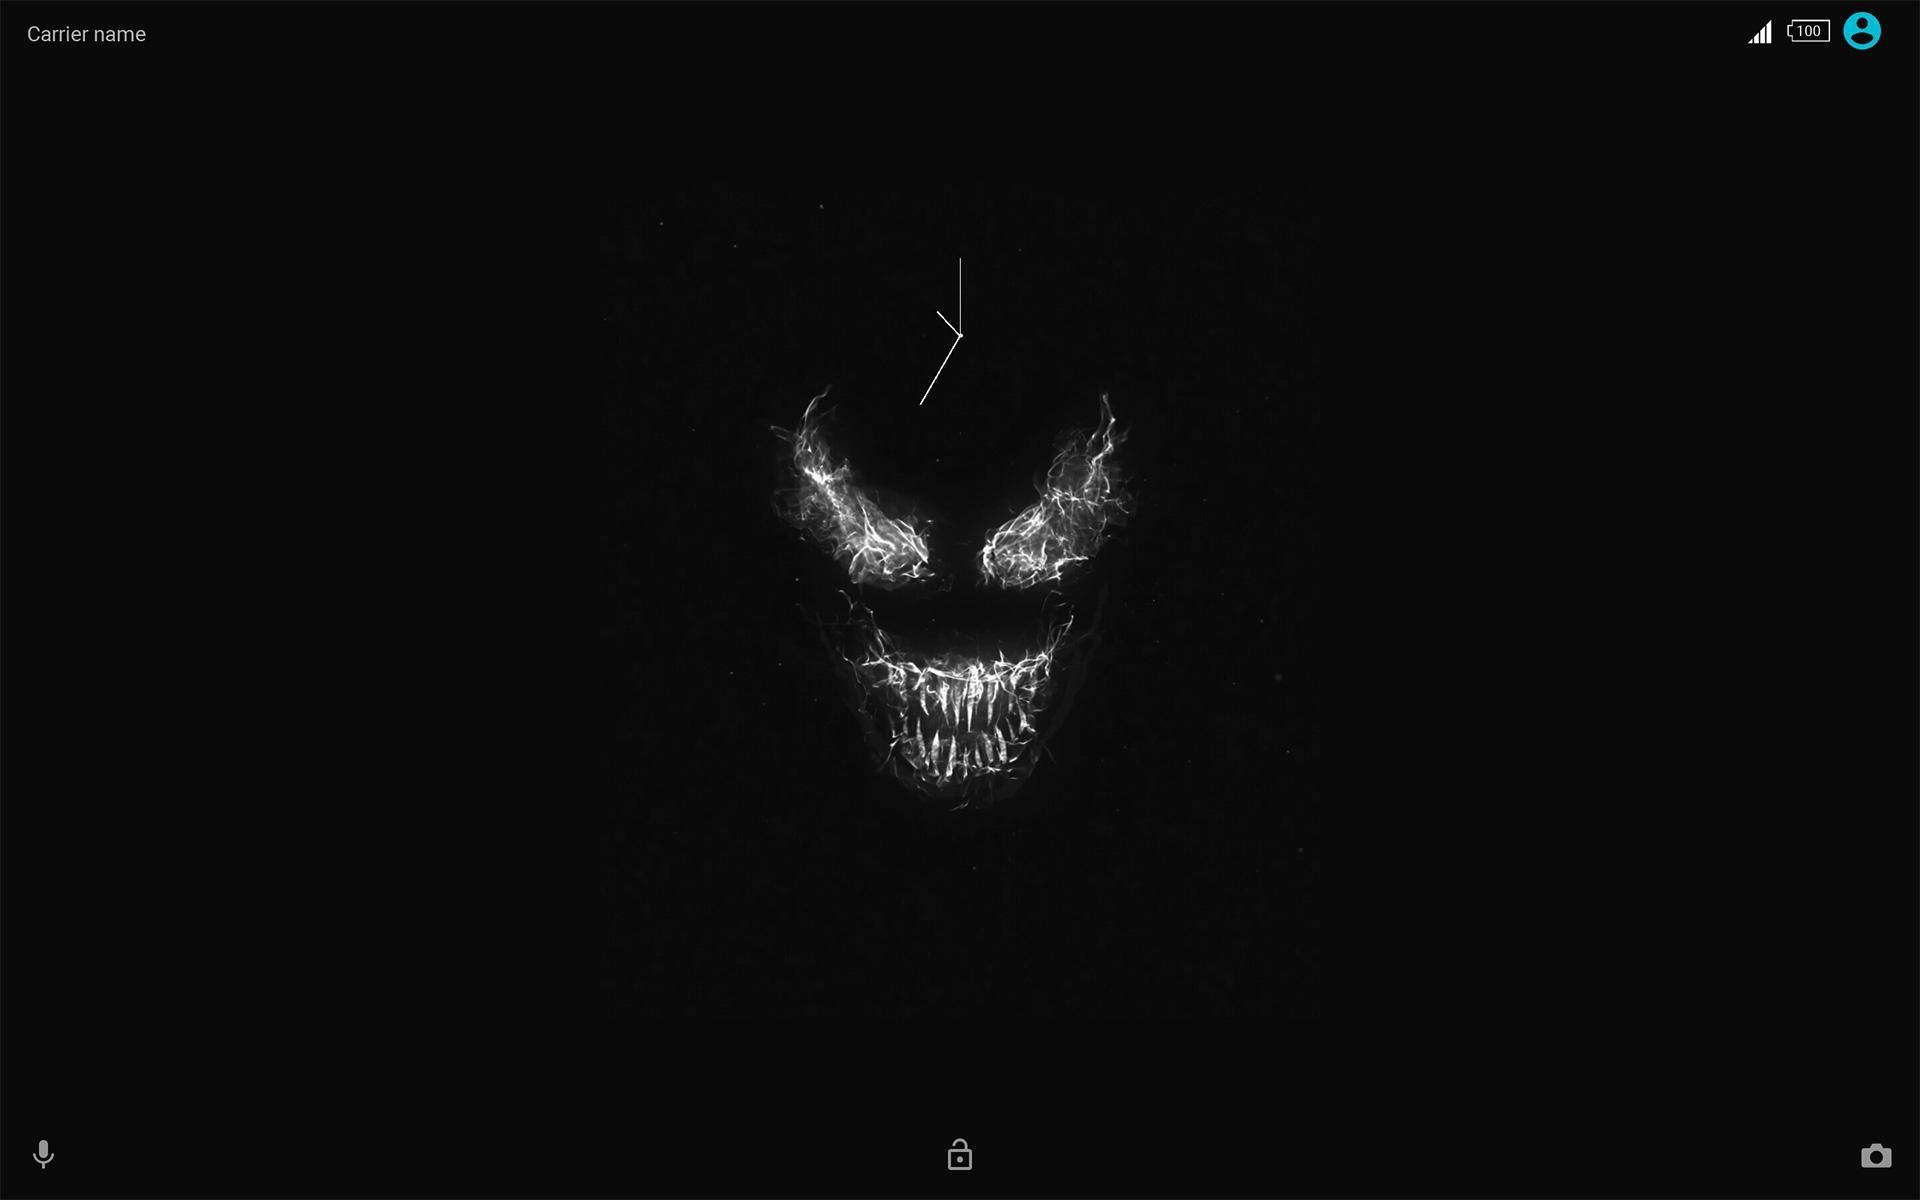 Sony,+Venom+temas%C4%B1n%C4%B1+Xperia+cihazlar%C4%B1+i%C3%A7in+%C3%BCcretsiz+olarak+yay%C4%B1nlad%C4%B1